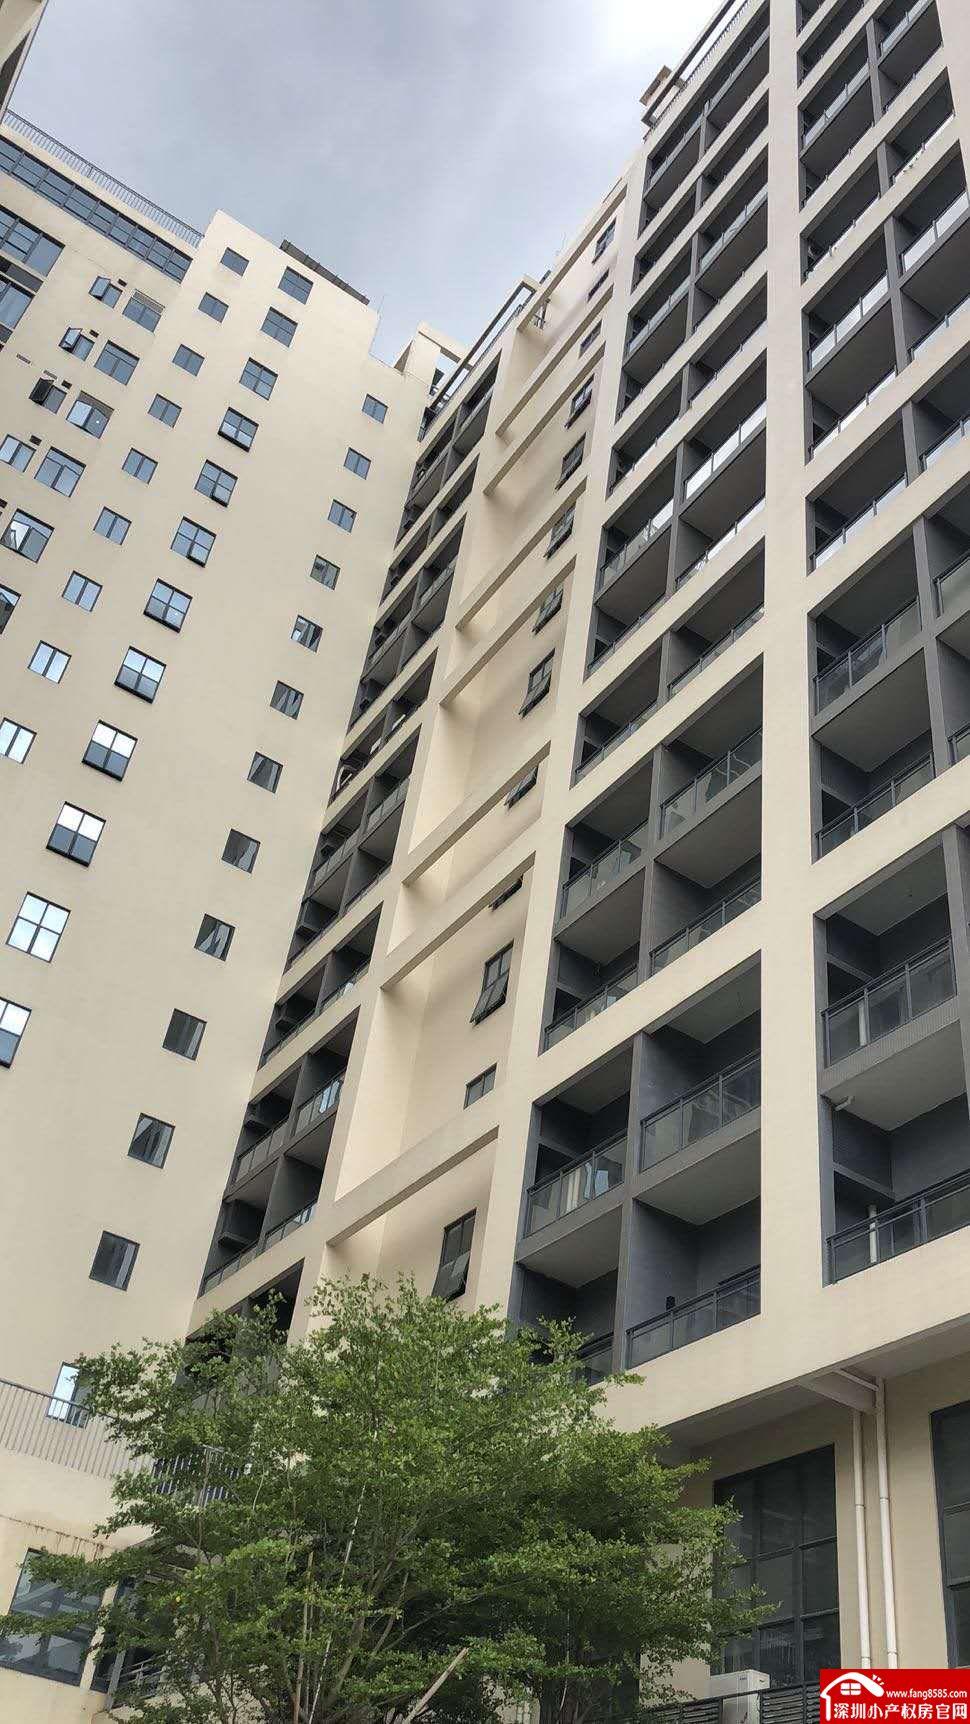 塘厦小产权房统建楼【香蜜花园】4栋15层大型停车场天然气